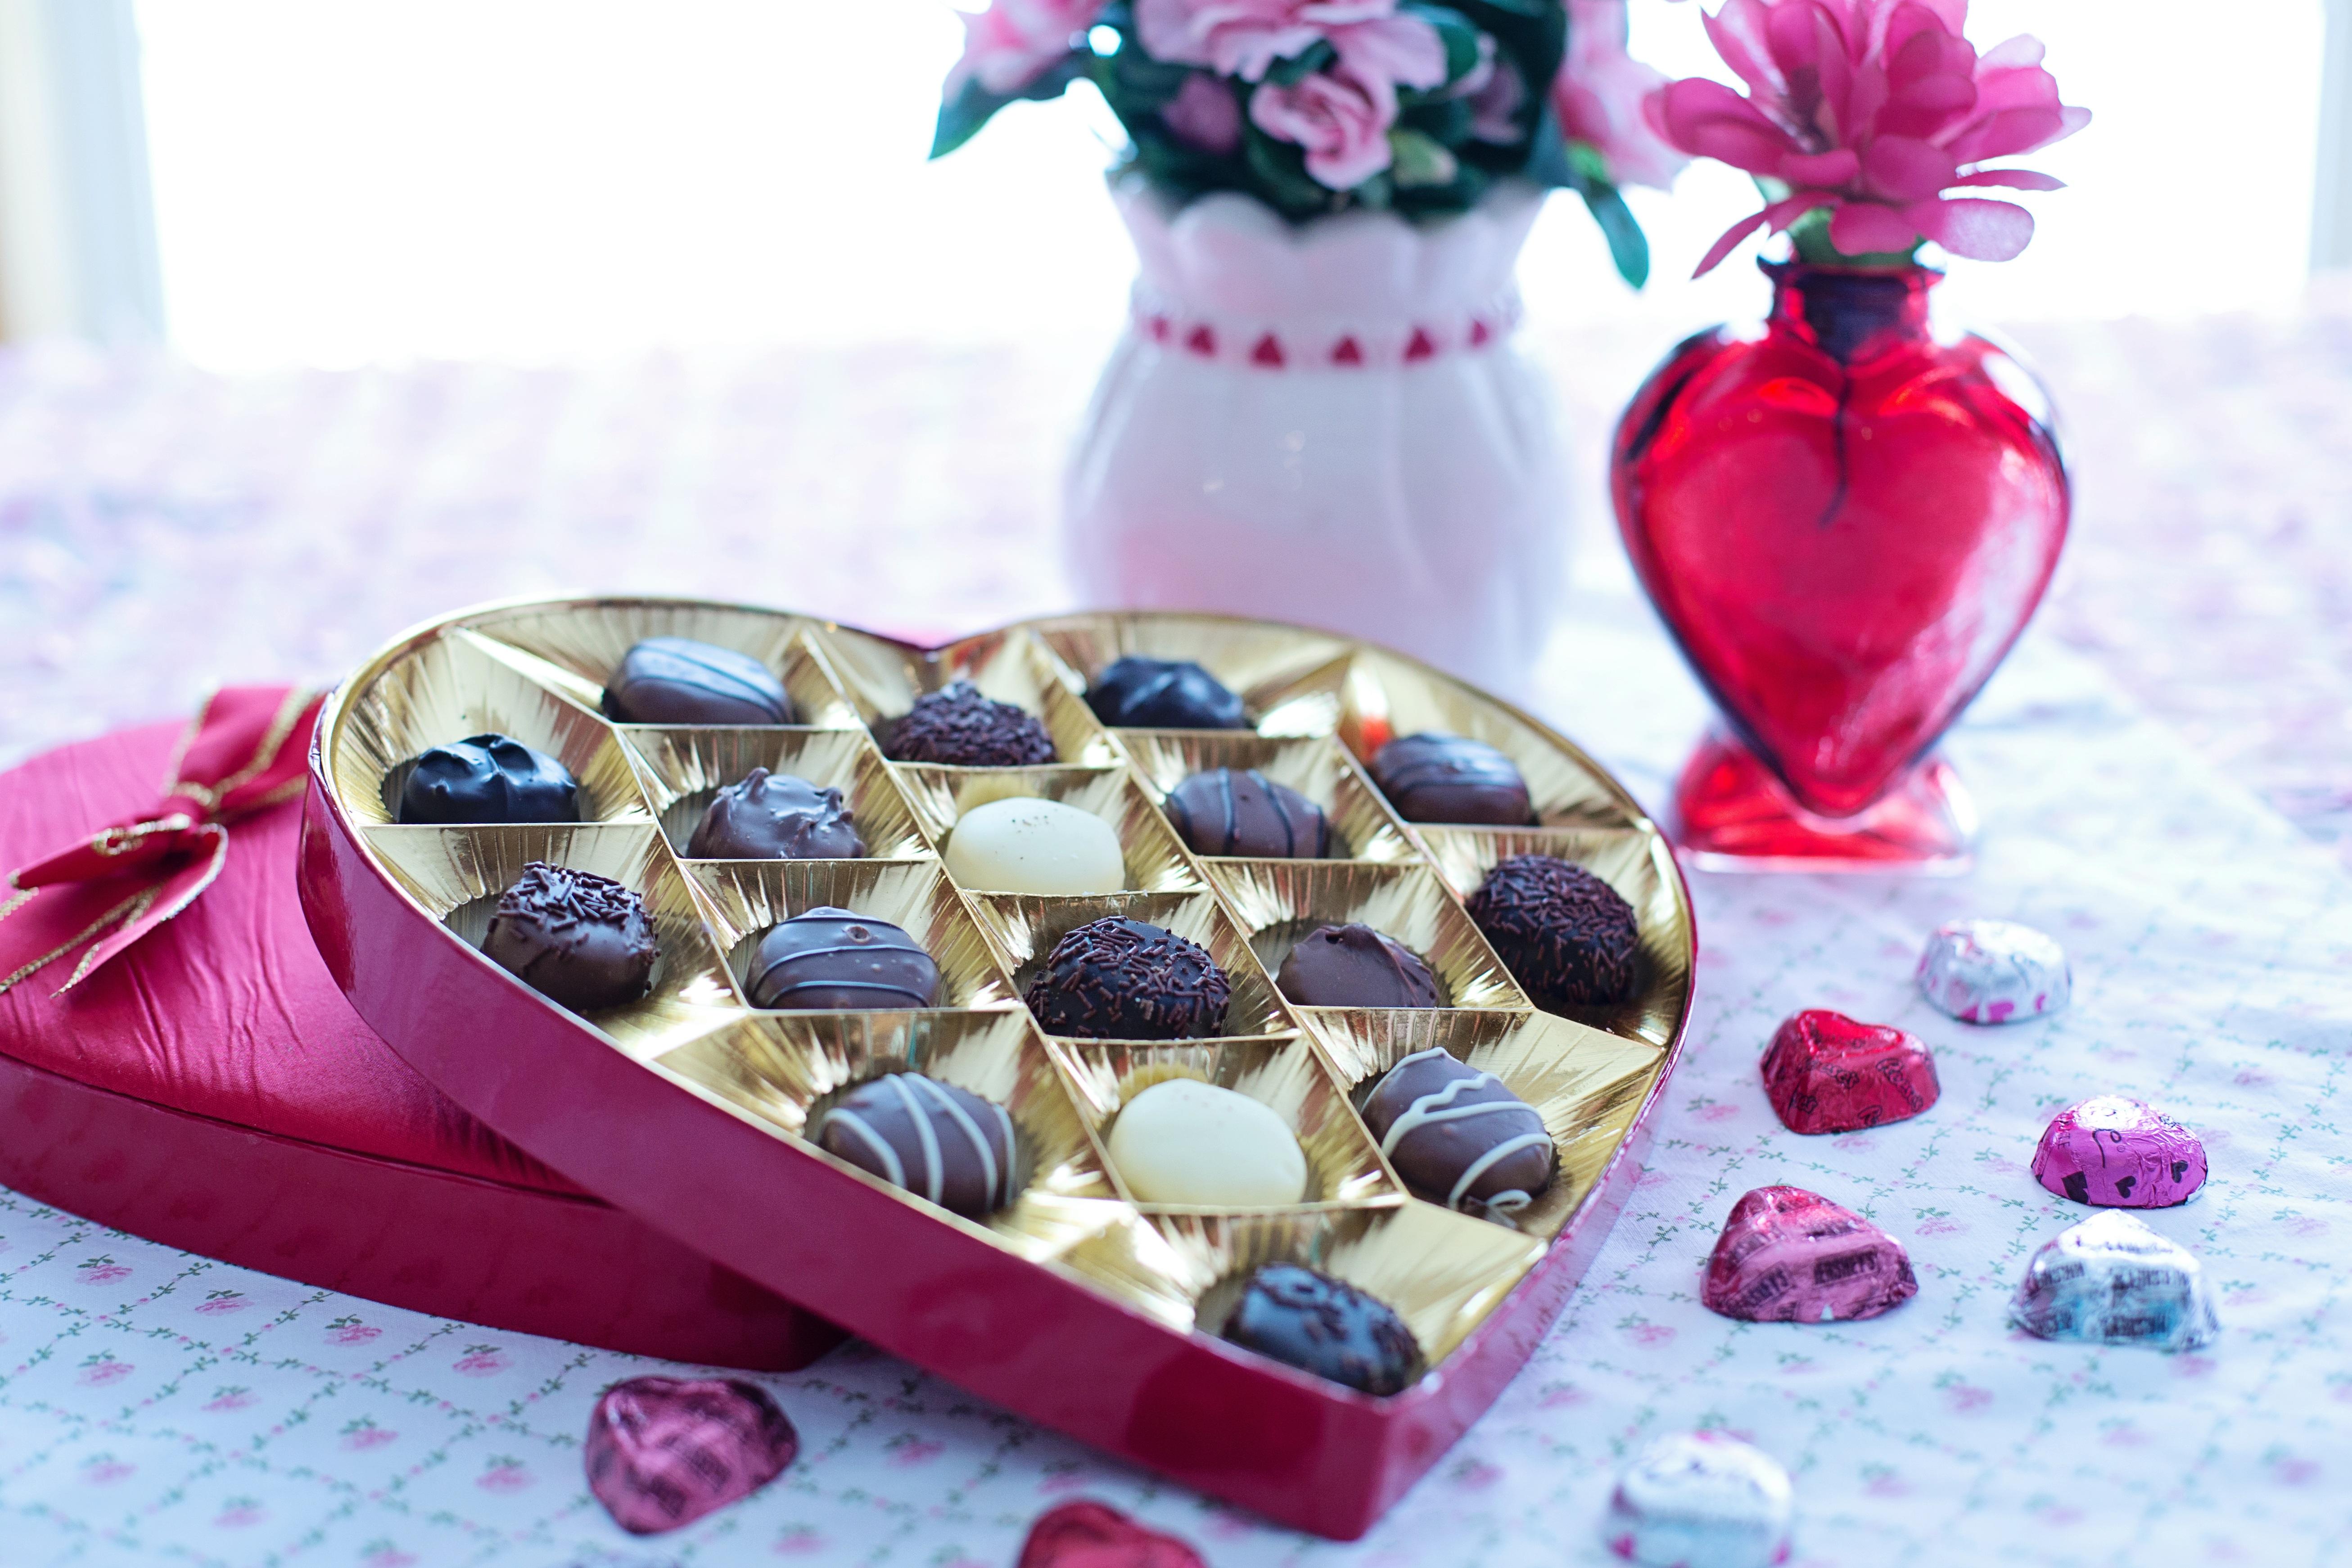 モロゾフのバレンタイン2017年版!チョコの値段や限定品をおすすめは?のサムネイル画像